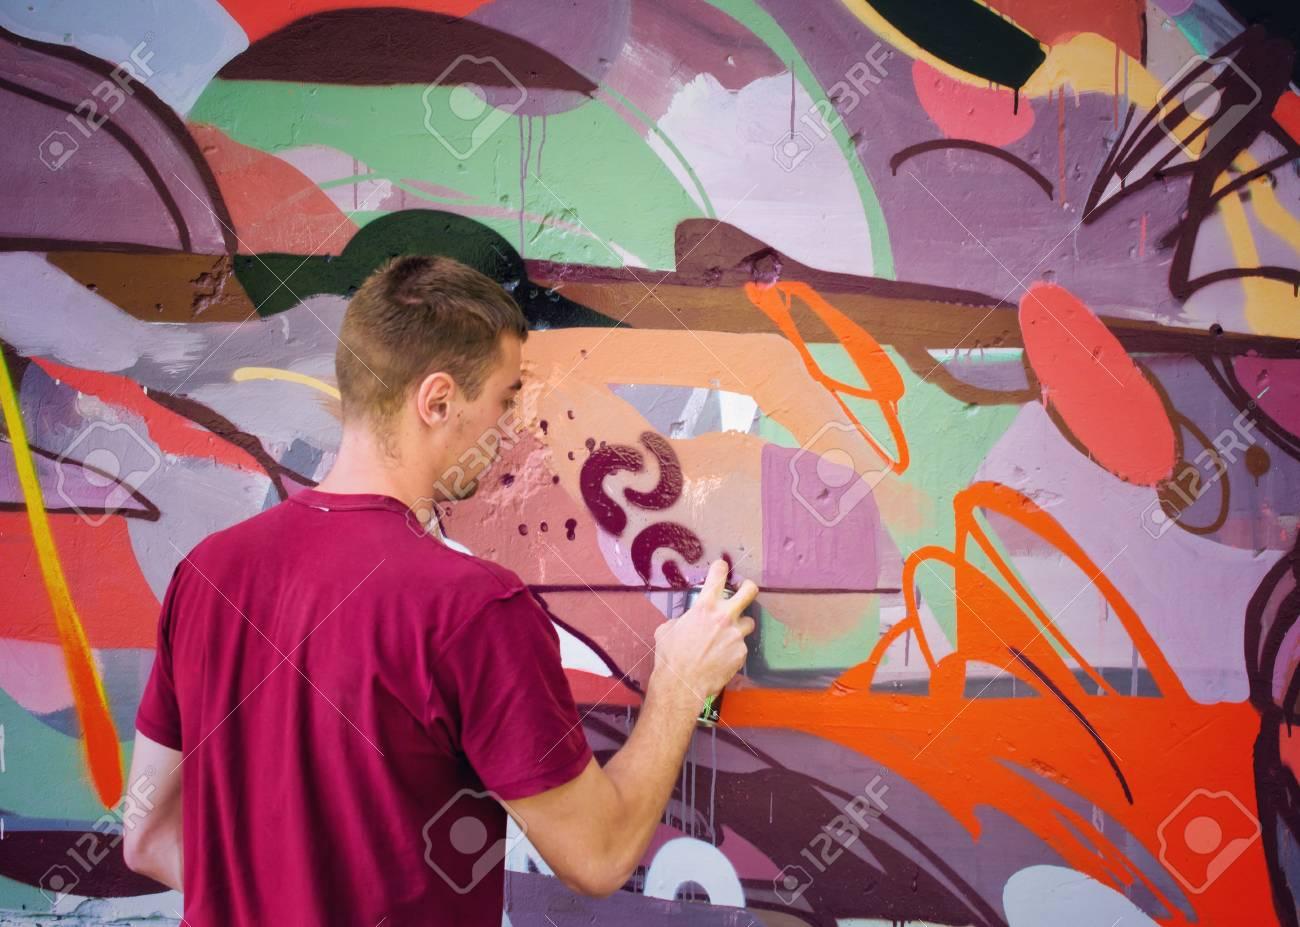 Graffiti on a wall. - 88296455